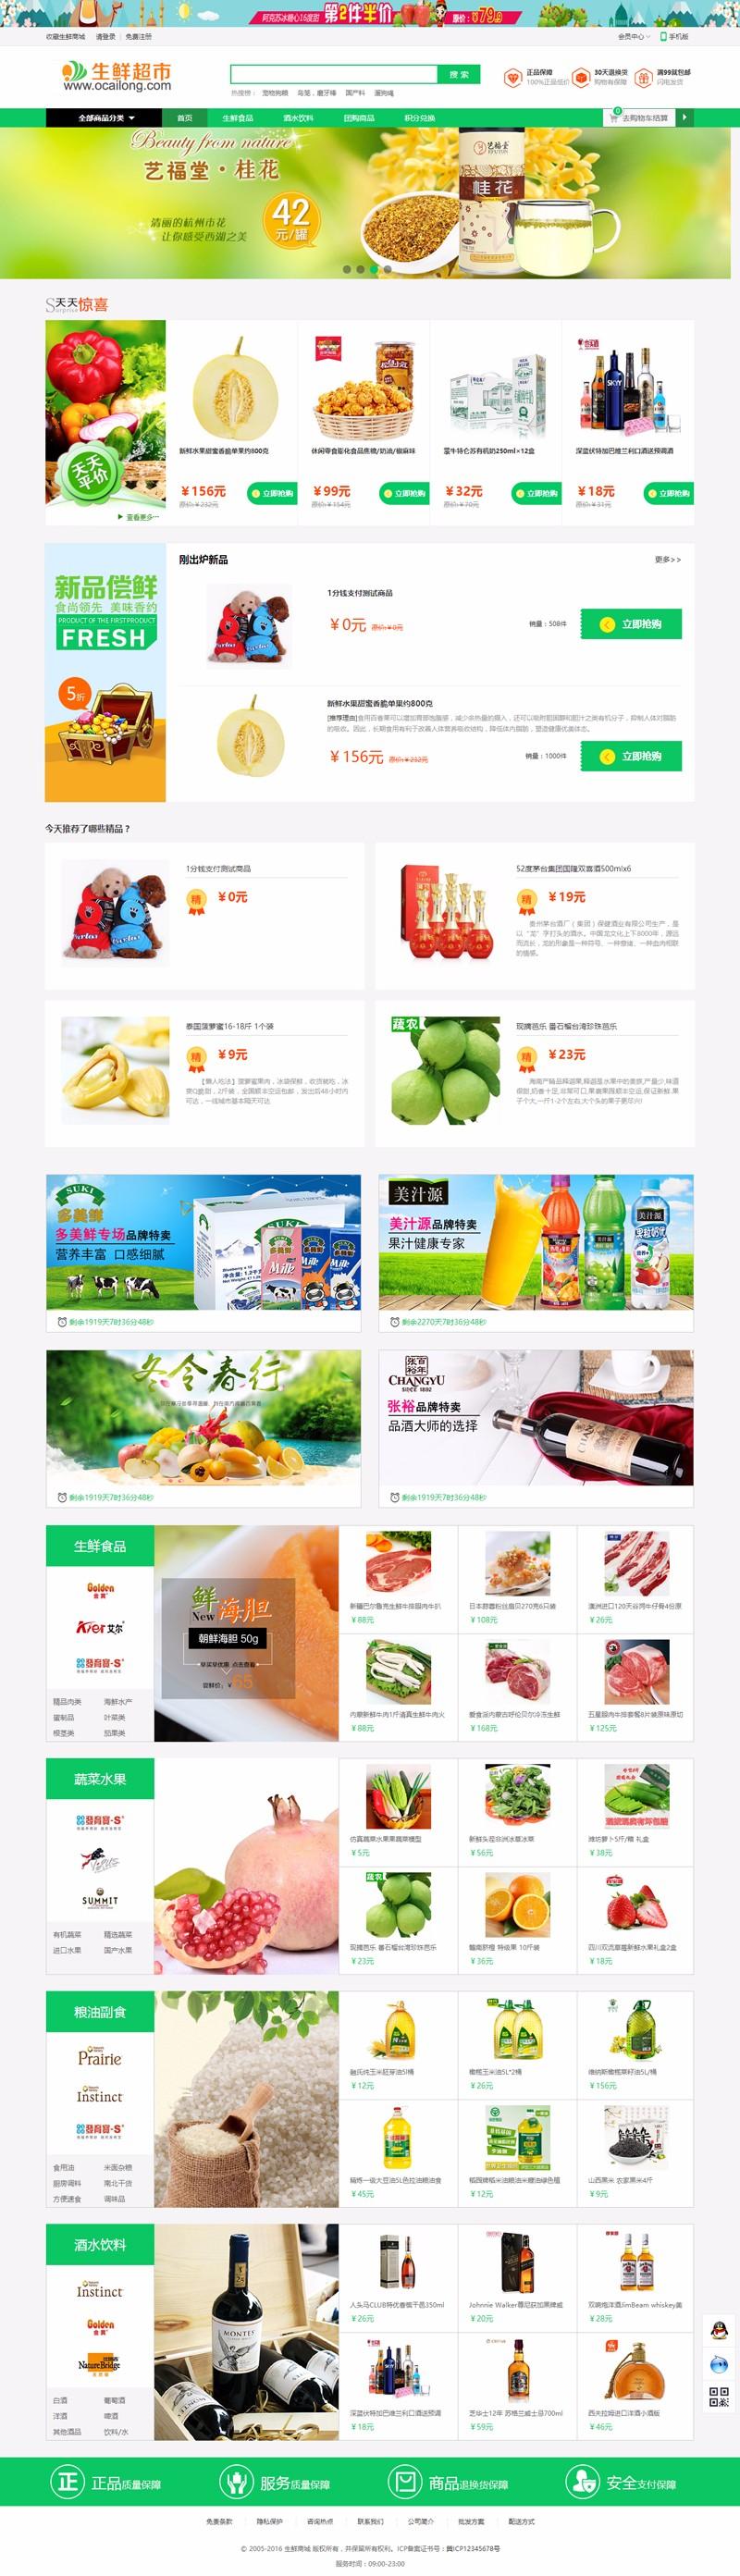 带演示!可封装APP最新Ecshop生鲜超市农产品微信商城源码,PC+WAP+APP+微信+分销商城